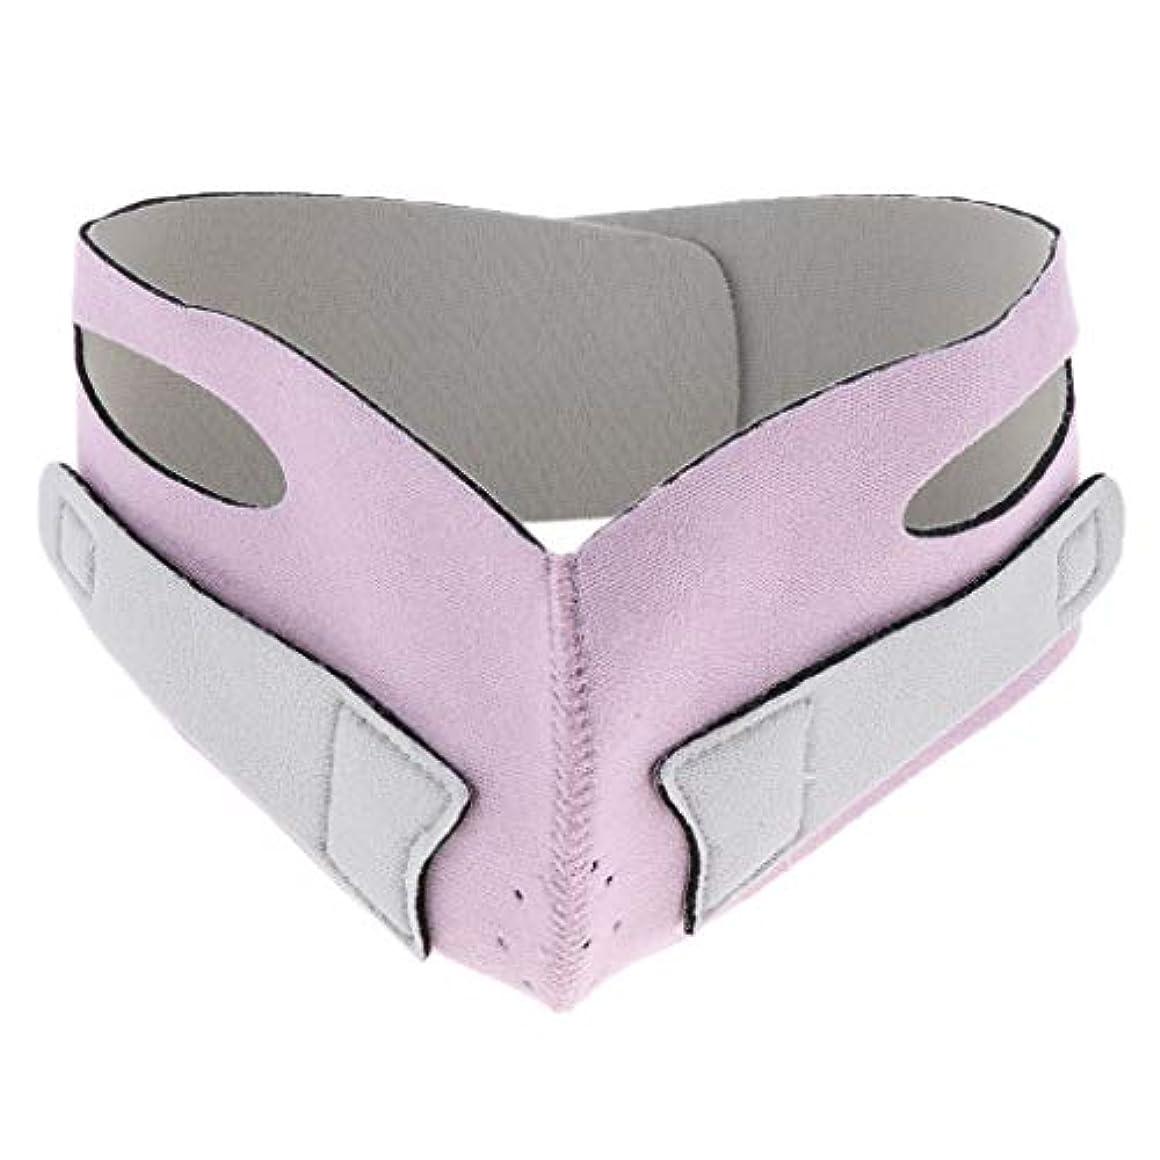 ペグ流行している簡単に引き上げマスク 頬リフトアップ V-ラインマスク リフティング リフトスリムマスク 通気性 全2色 - ピンク